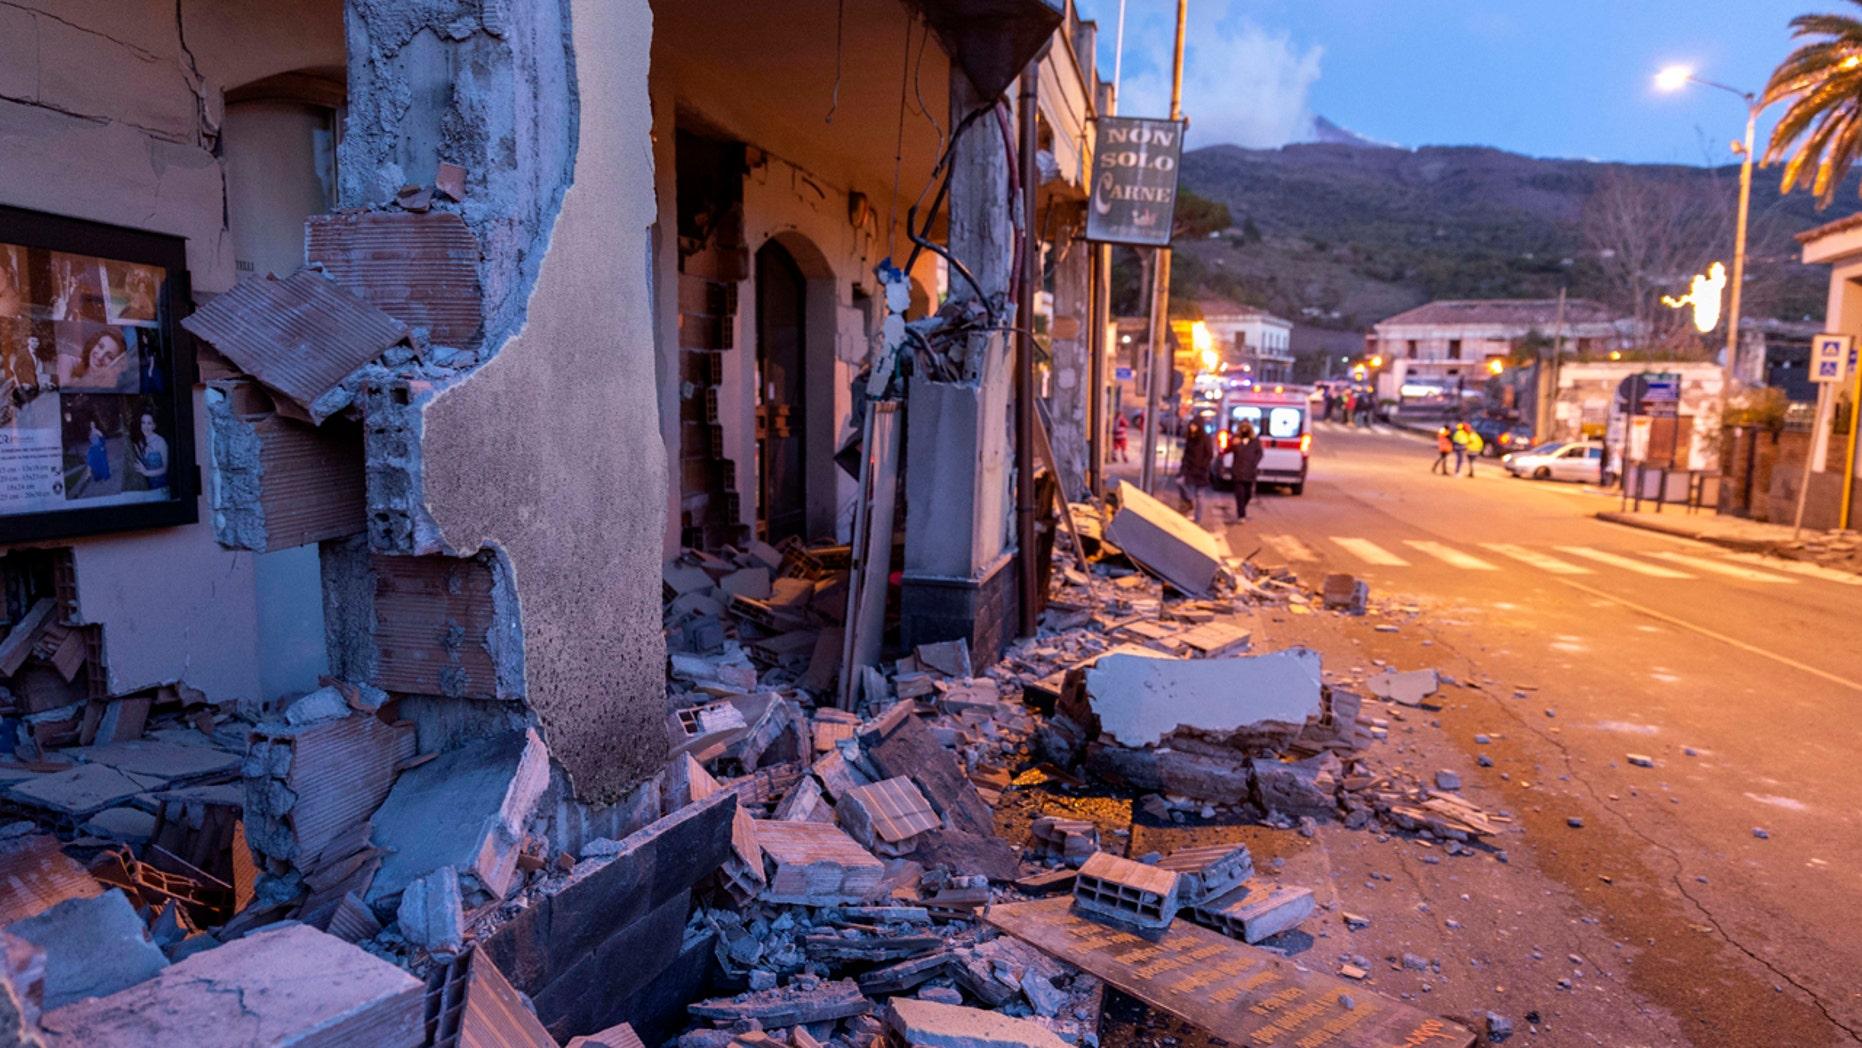 Italie : l'éruption du mont Etna provoque un séisme en Sicile, blessant au moins 10 personnes 2